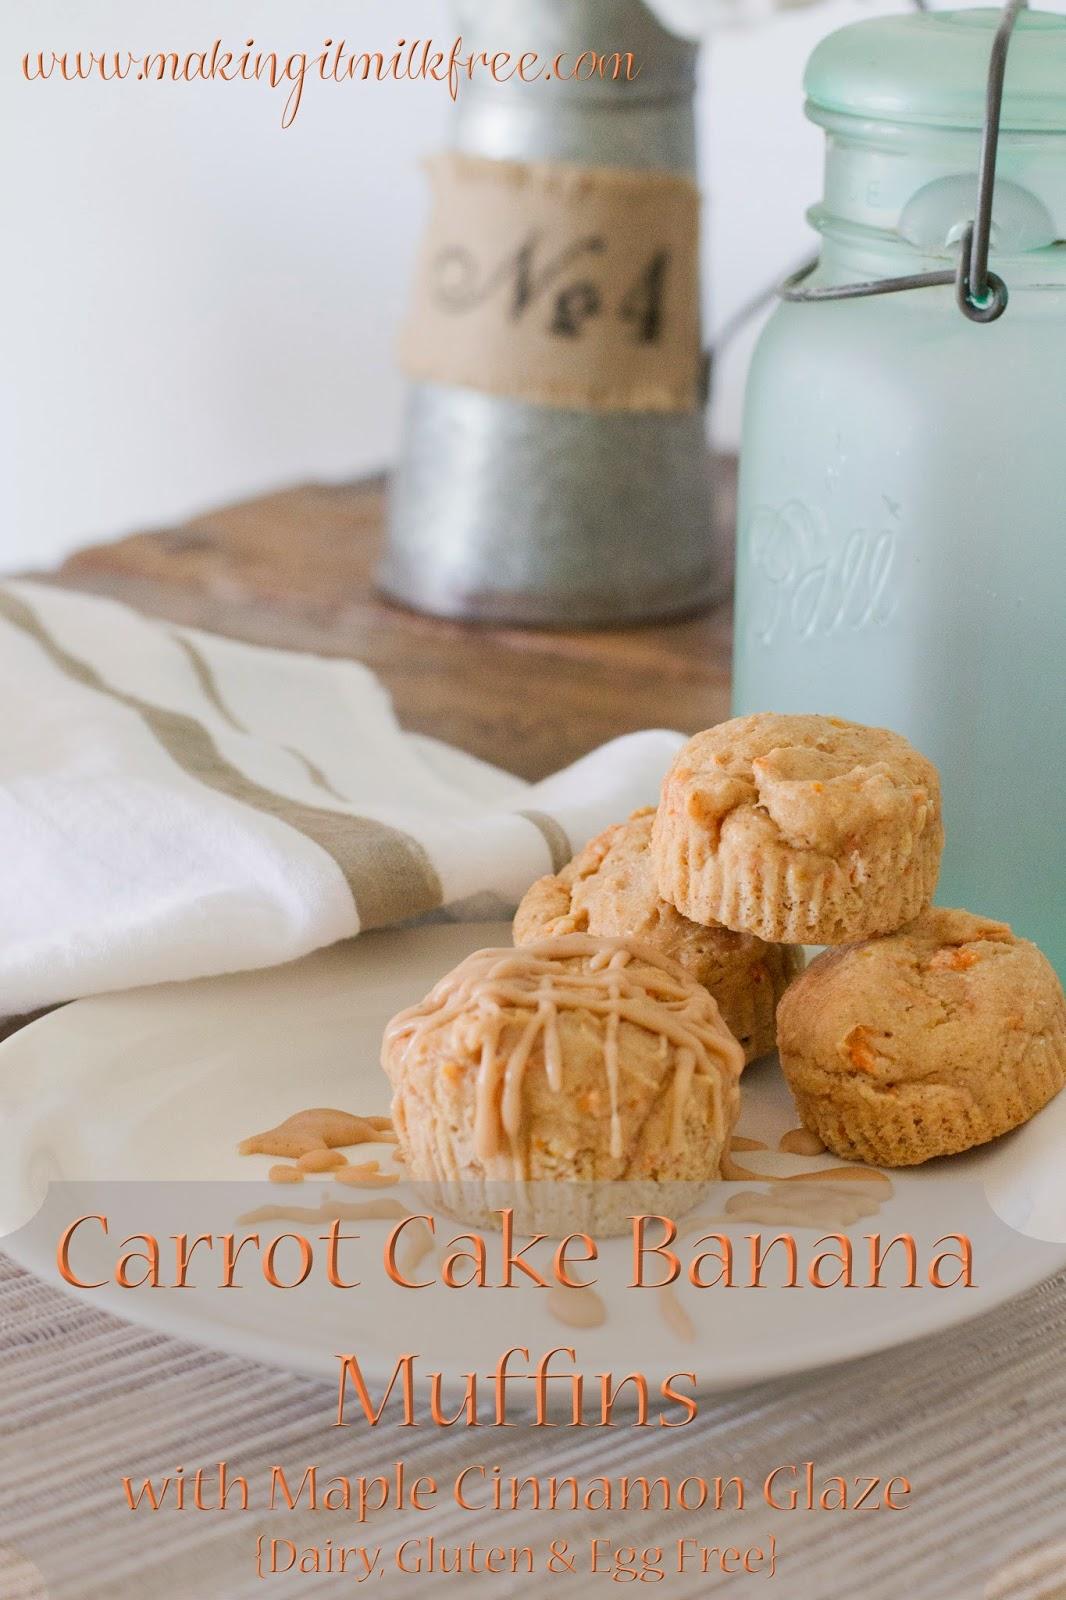 #glutenfree #dairyfree #carrotcake #muffins